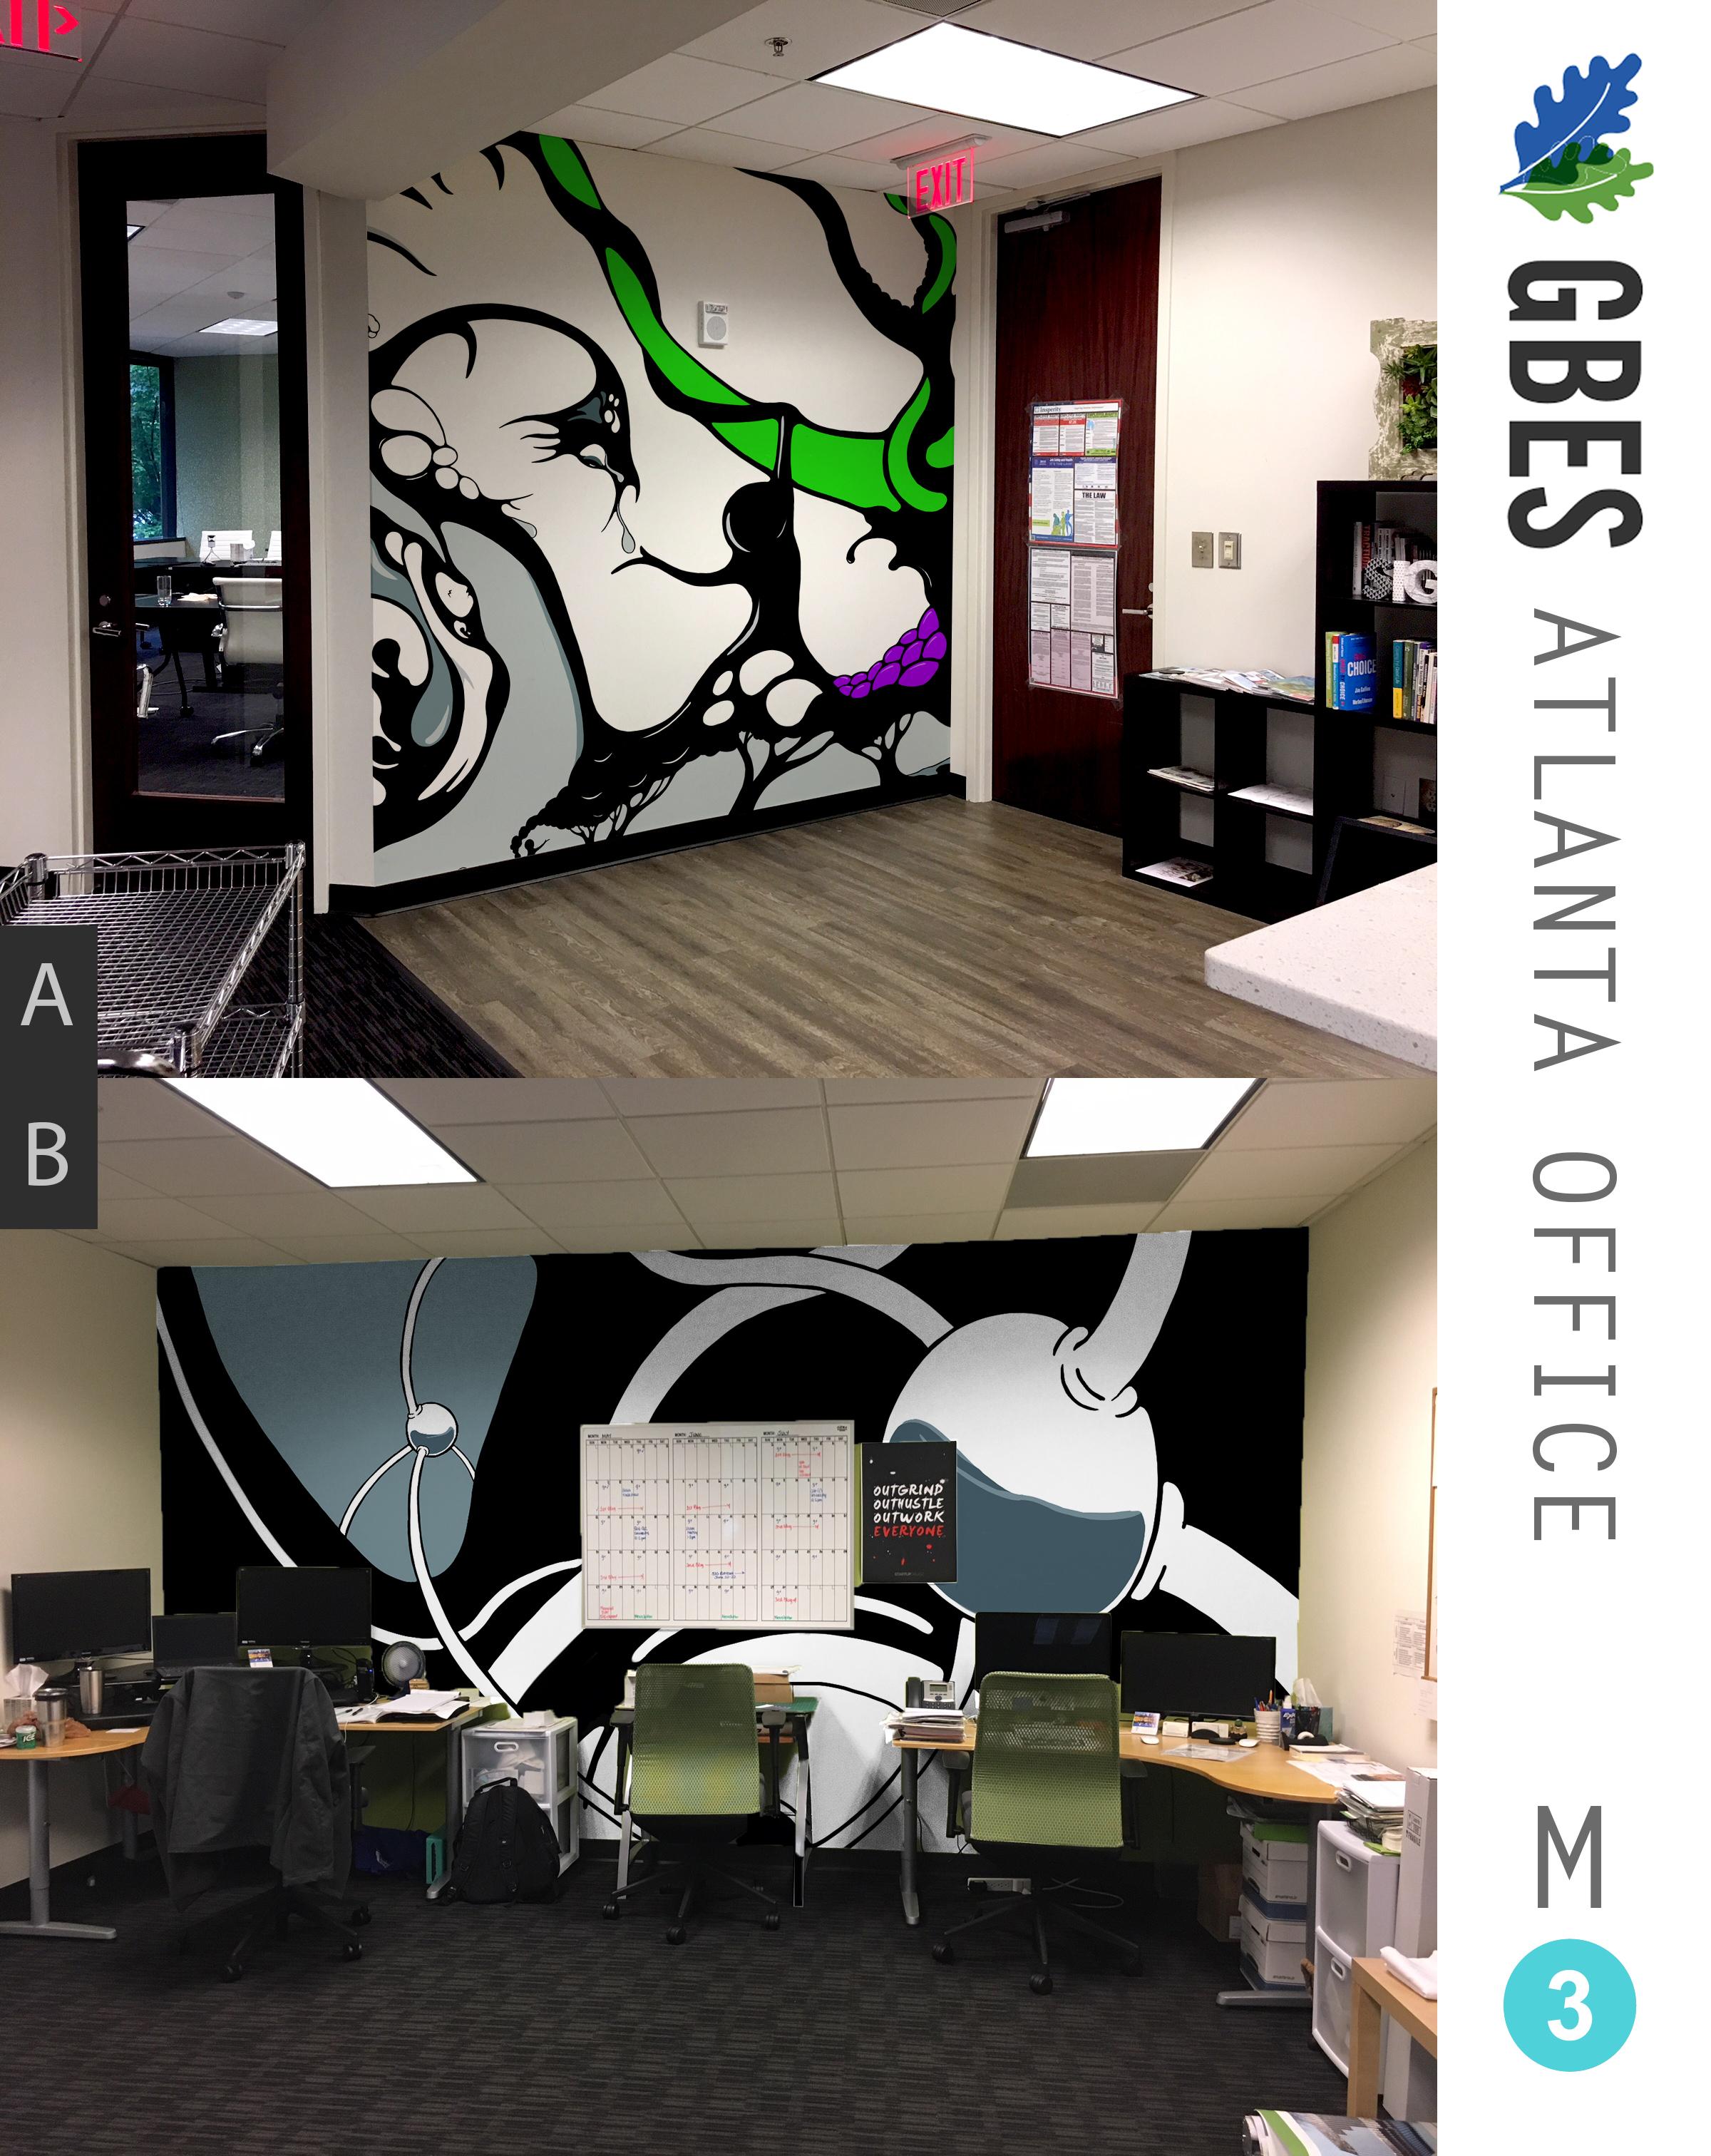 gbes-mural-mock-03